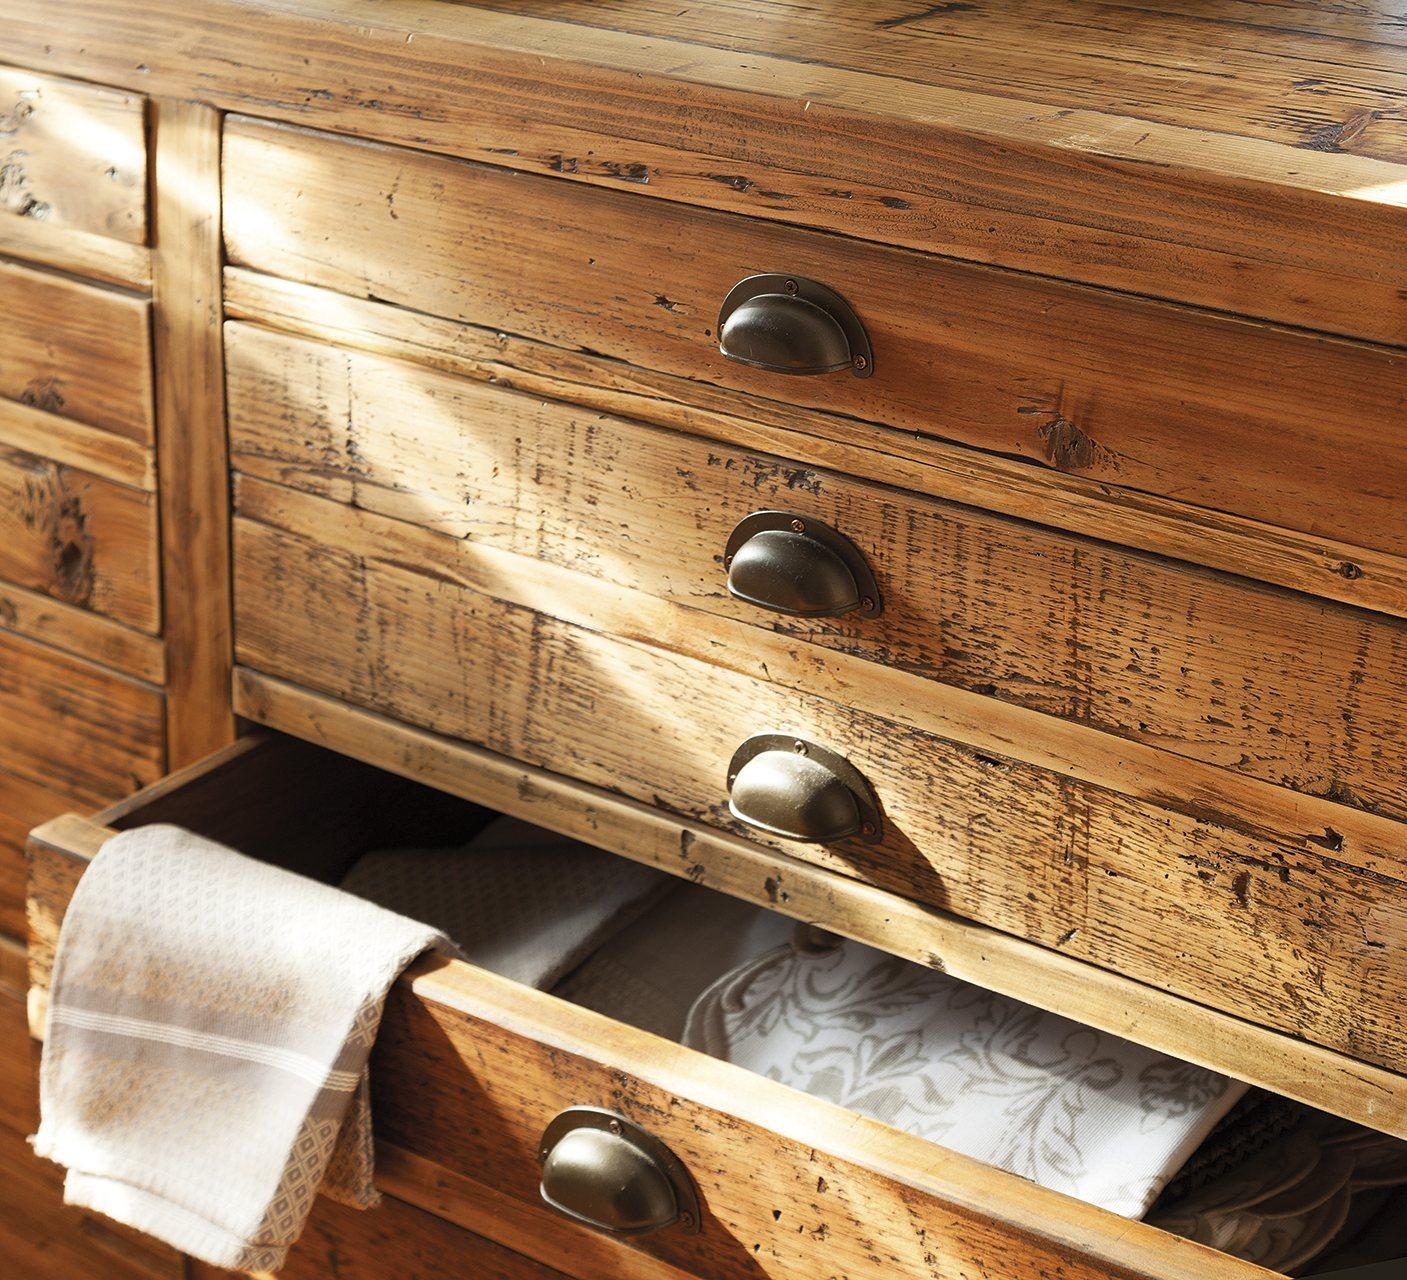 Mueble de madera mueble madera pino color miel foto - Muebles en madera ...